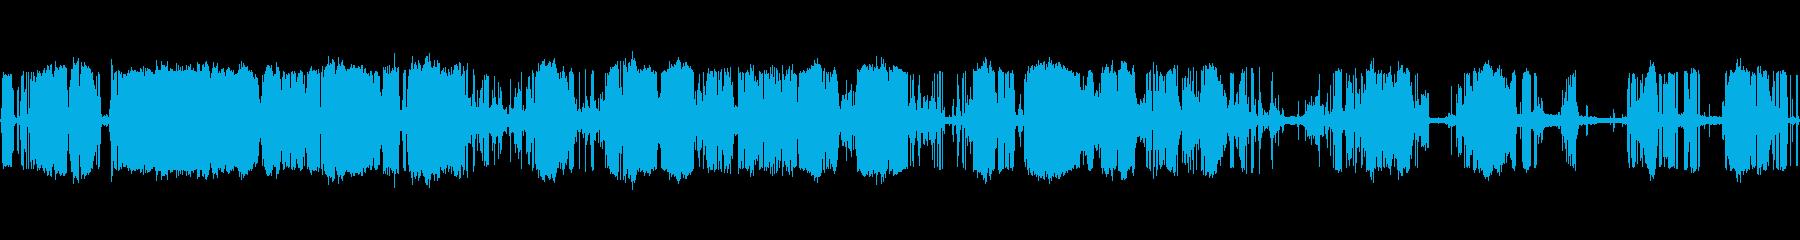 ラバーラフト:動き、激しいきしみの再生済みの波形